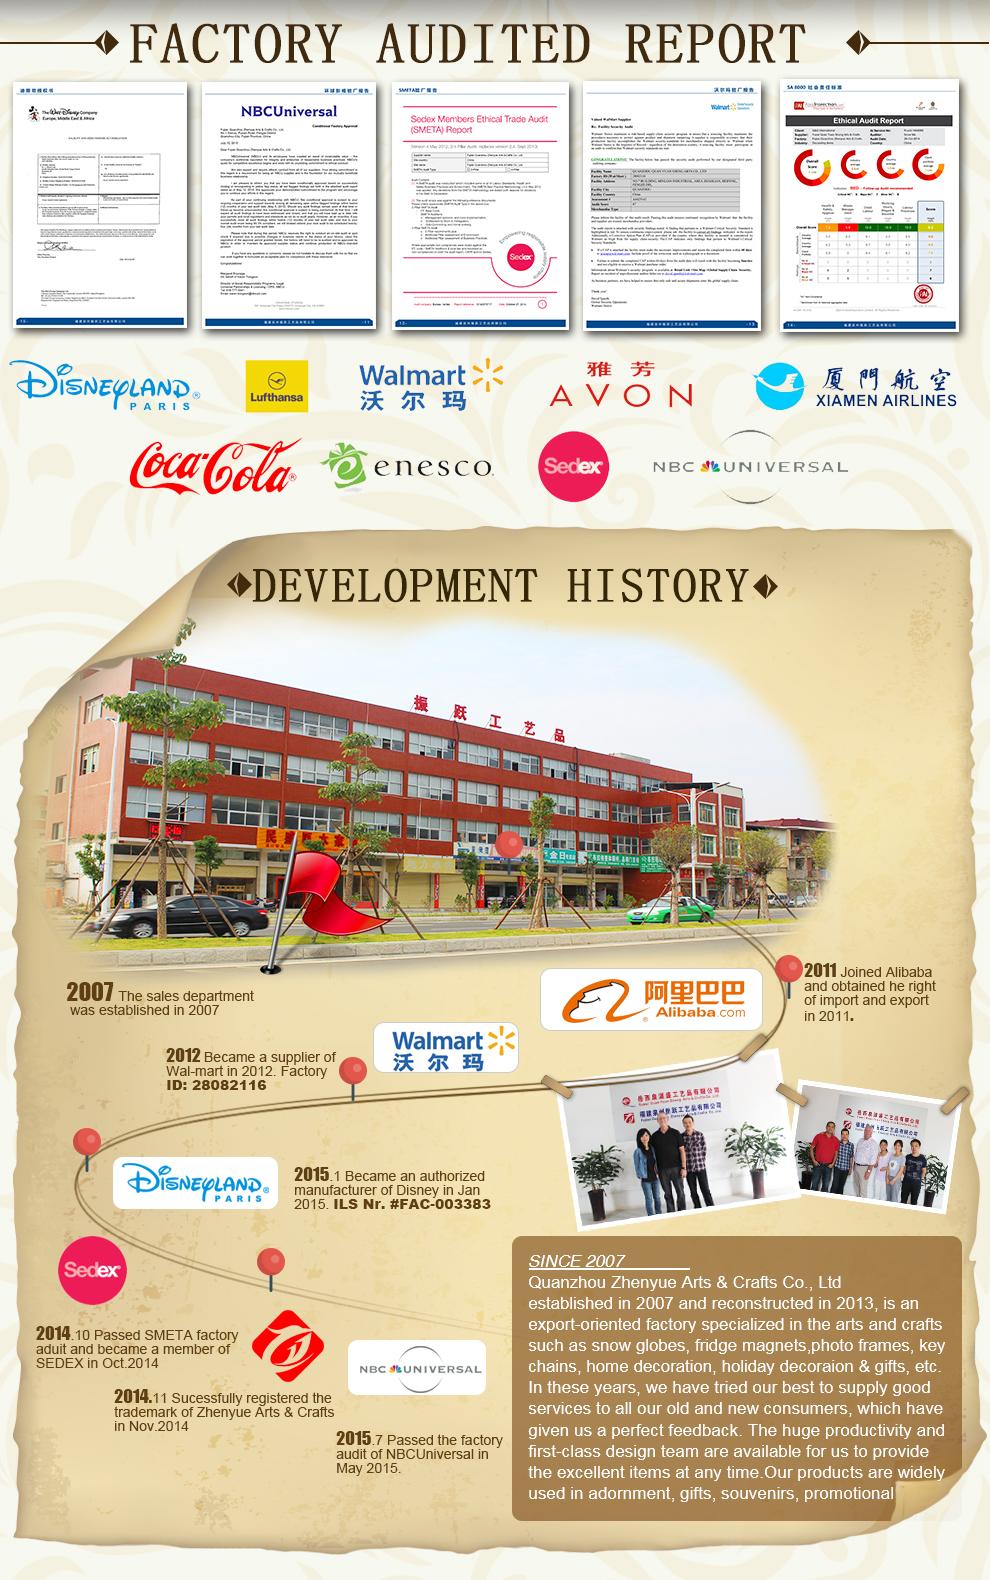 Fujian Quanzhou Zhenyue Arts & Crafts Co., Ltd. - Resin Crafts